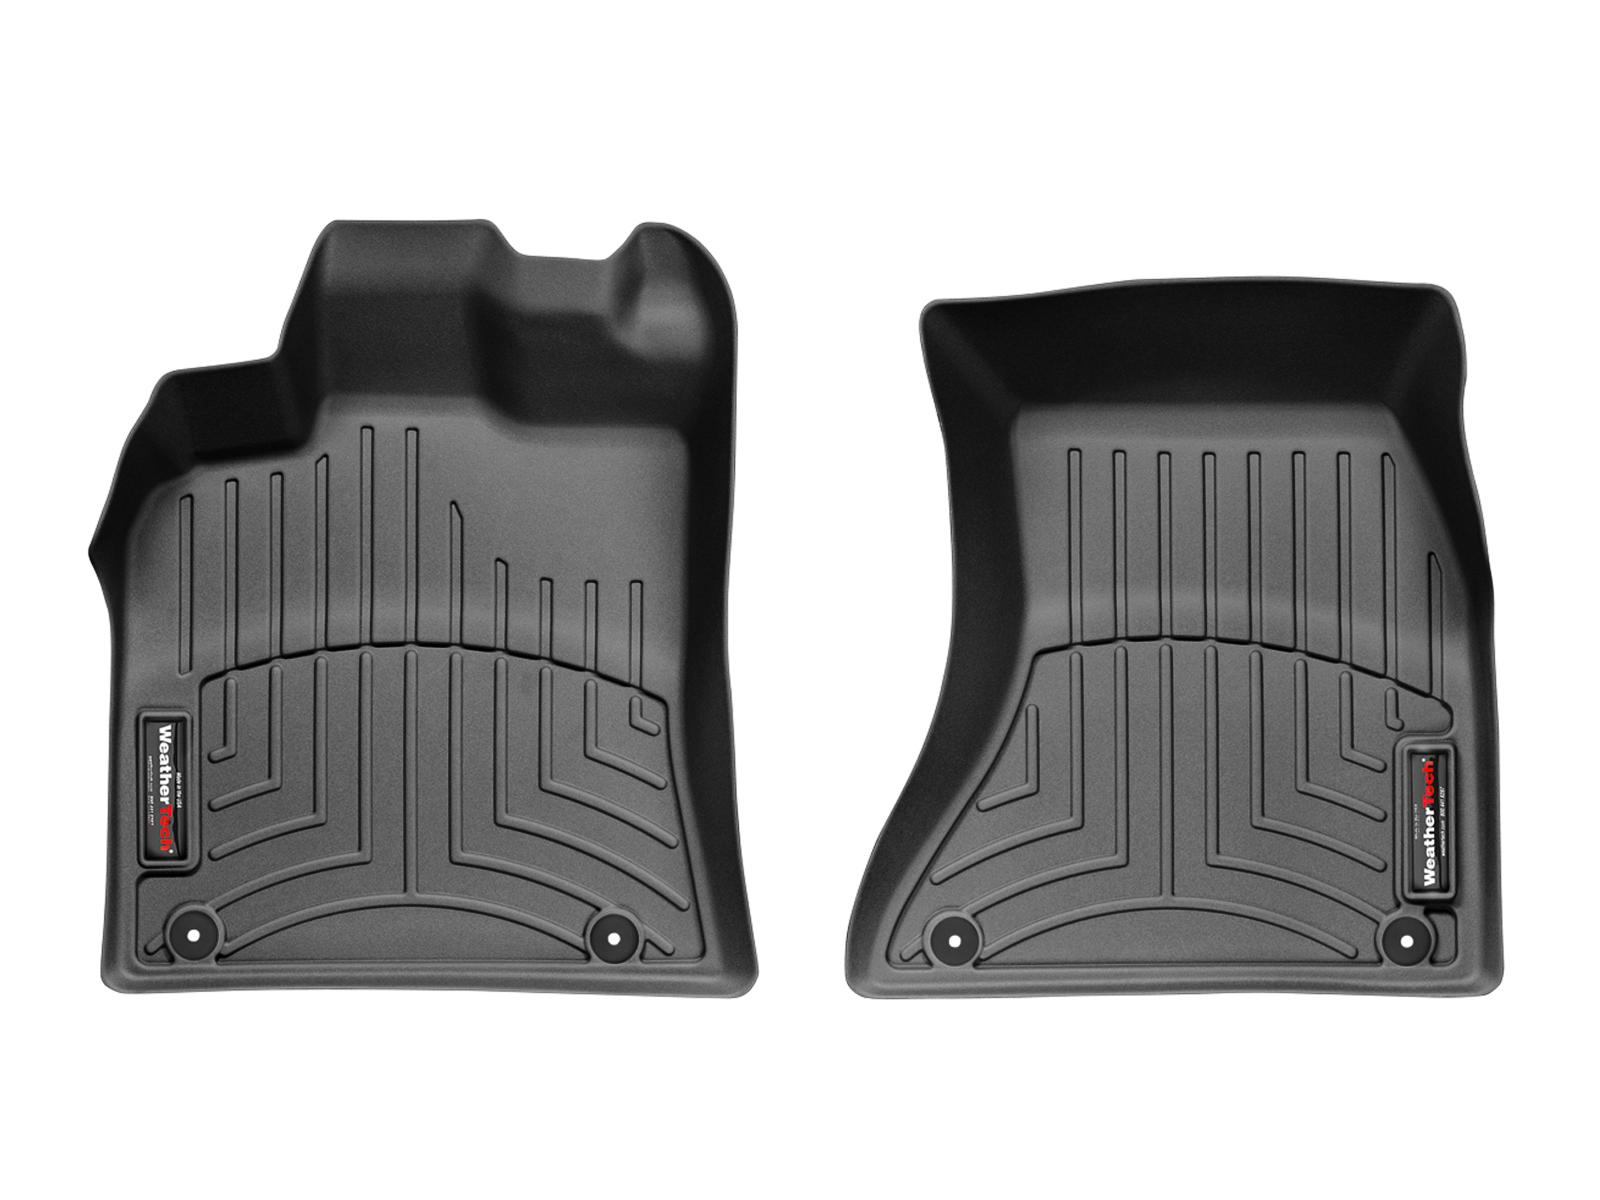 Tappeti gomma su misura bordo alto Porsche® Macan 14>17 Nero A3167